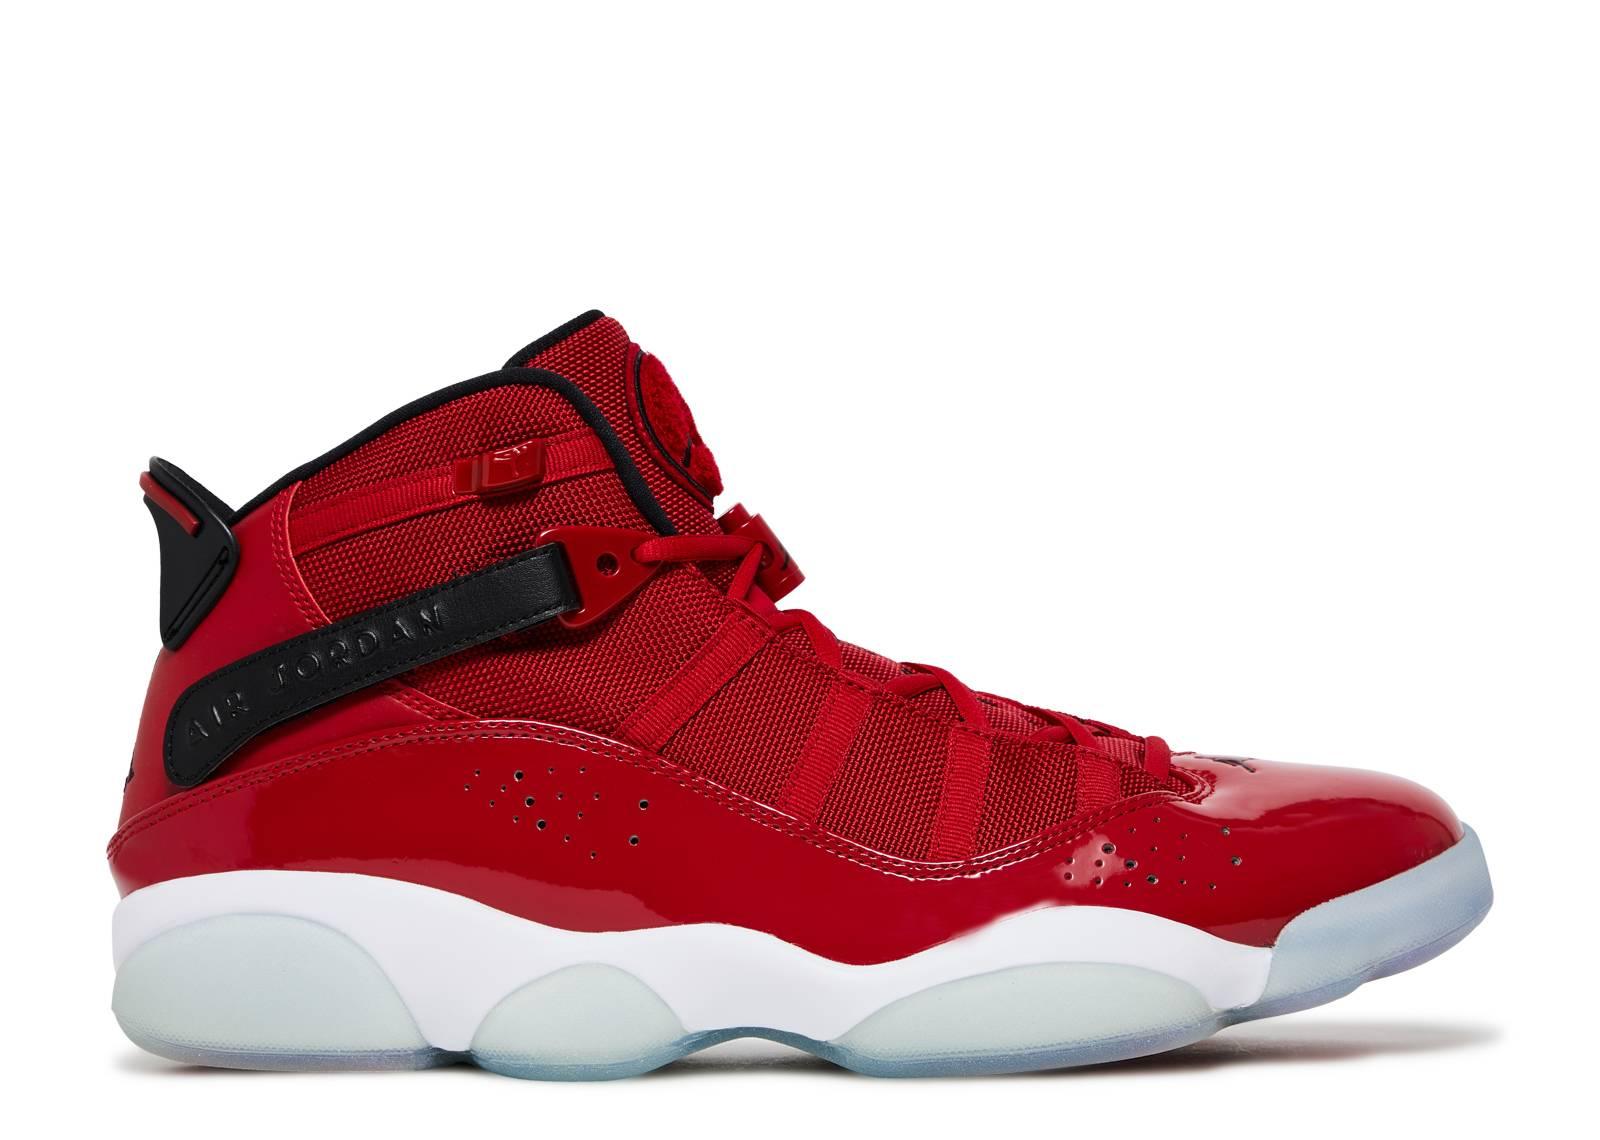 ed26c4672f6a Jordan 6 Rings